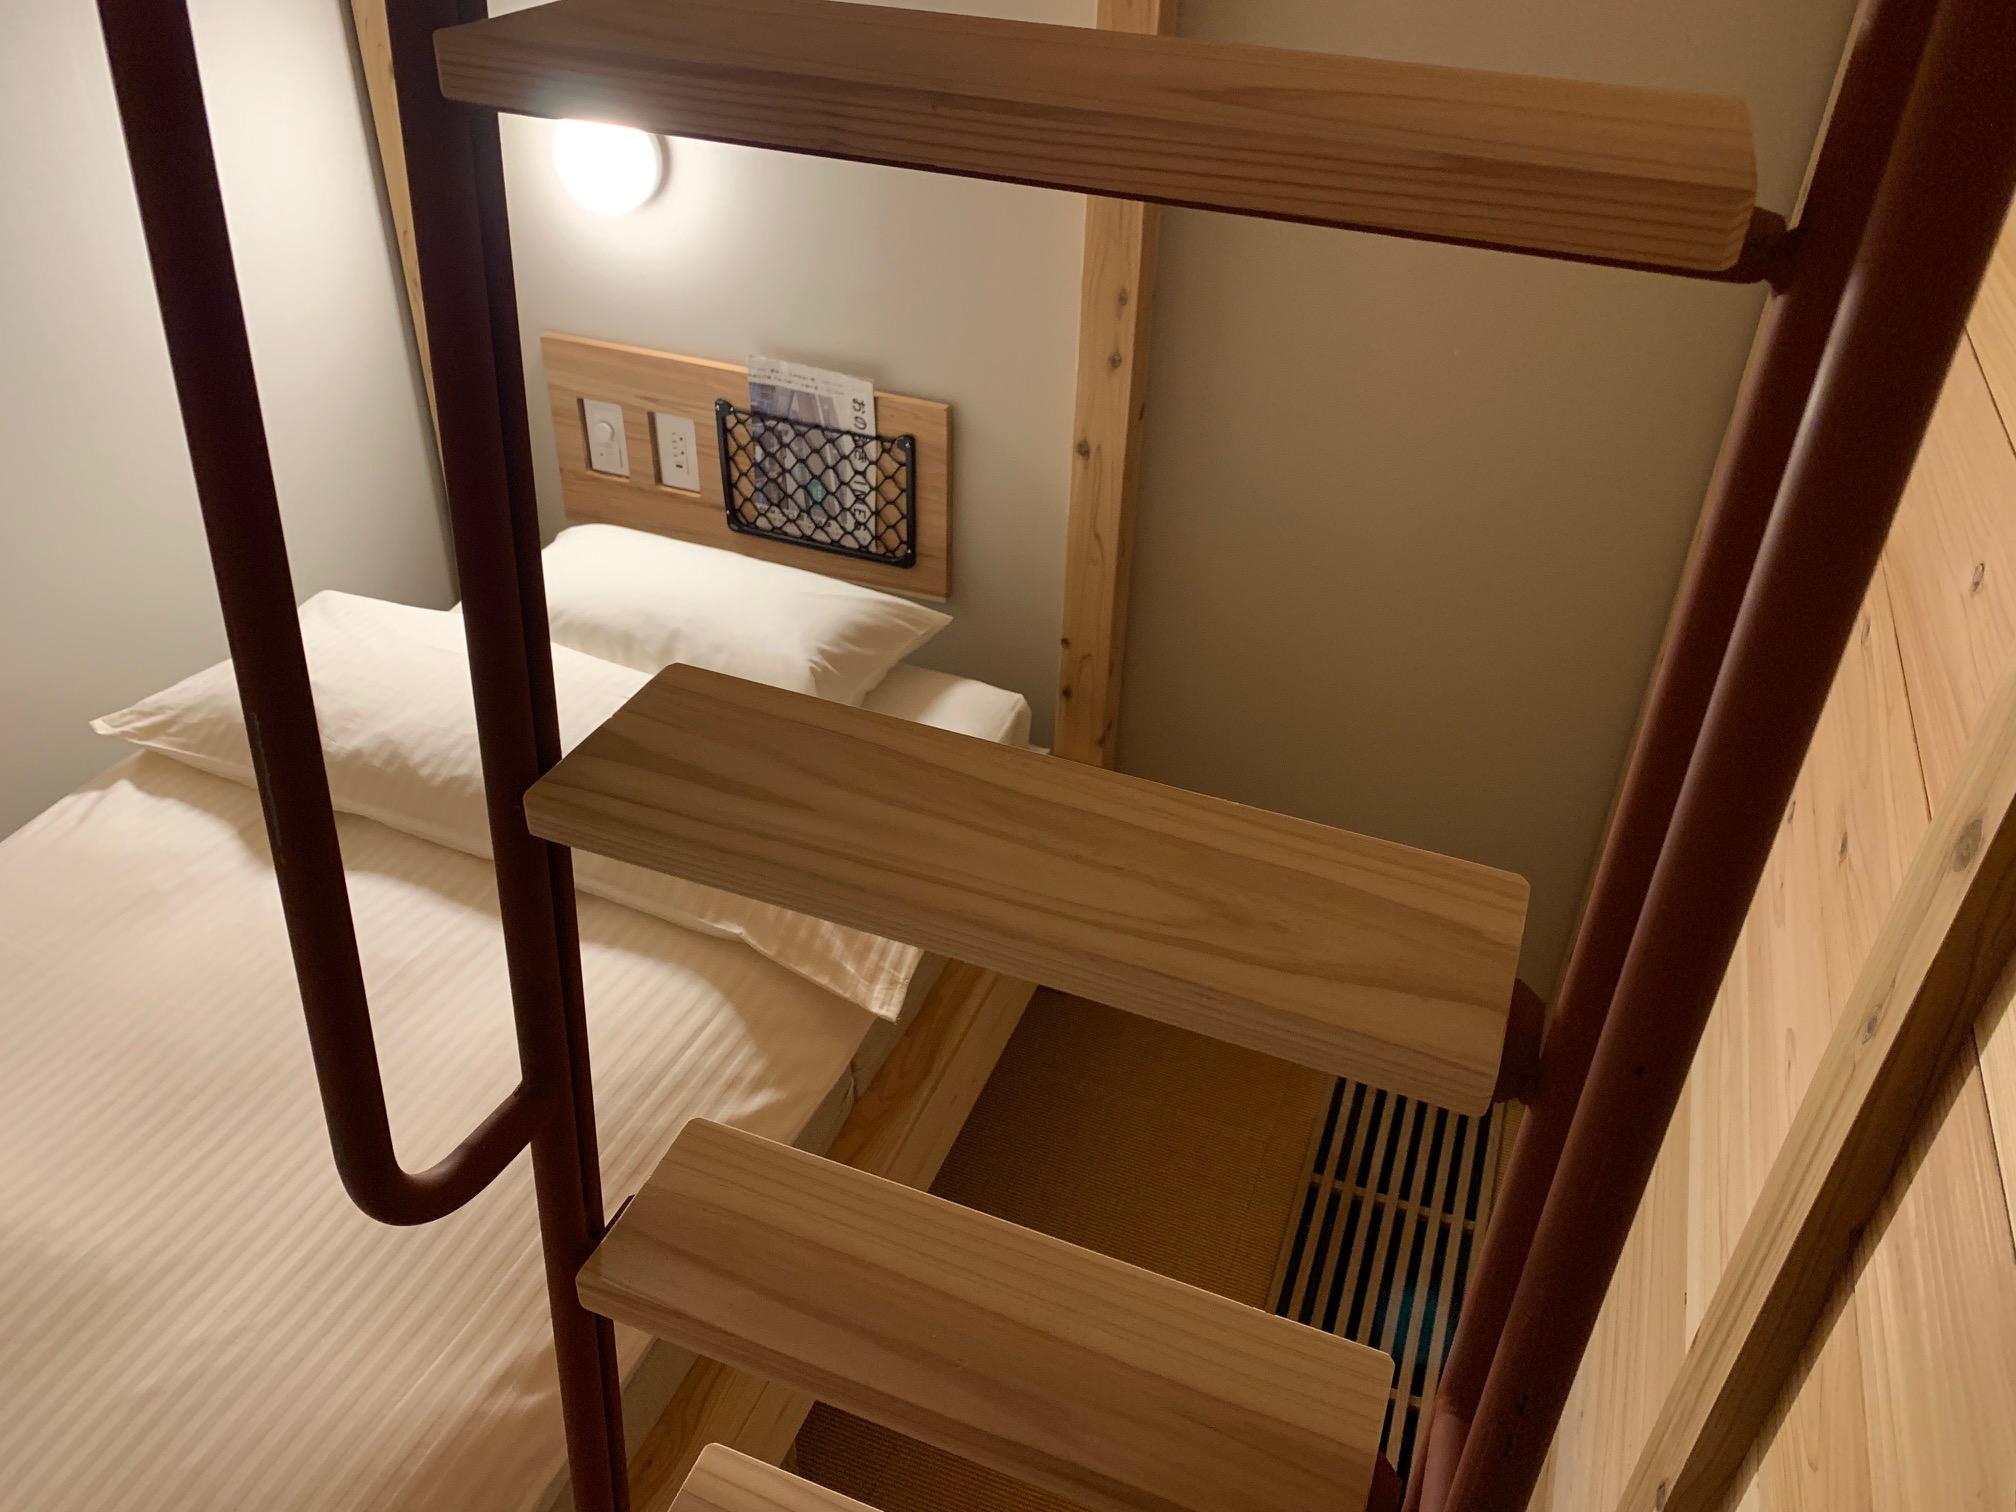 一般的なホテルにはない空間を楽しめる